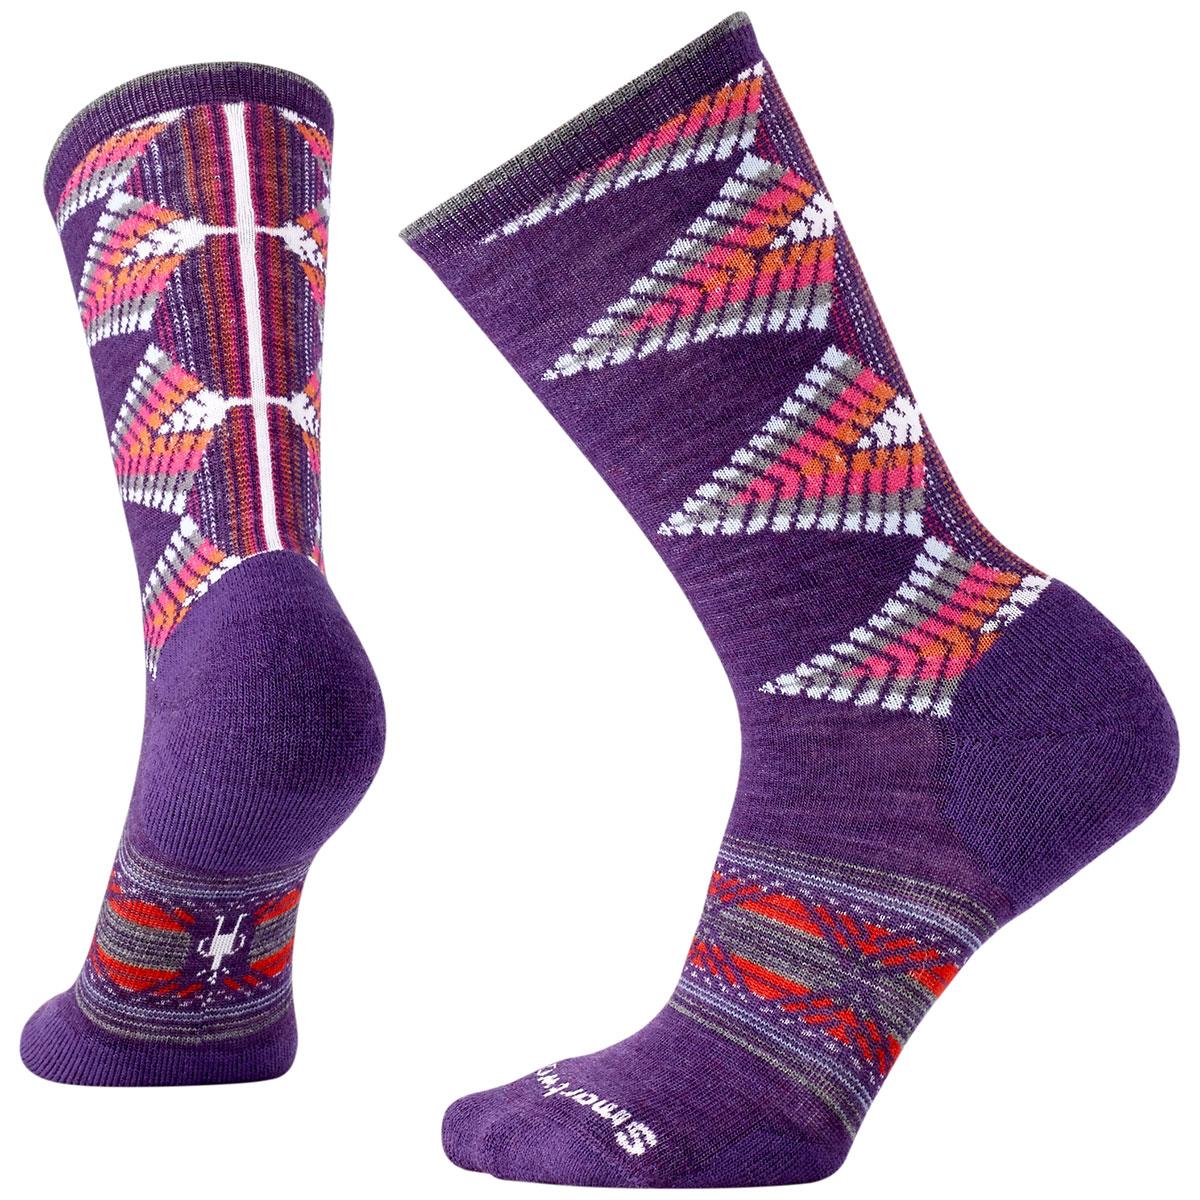 Smartwool Women's Tiva Crew Socks - Purple, L